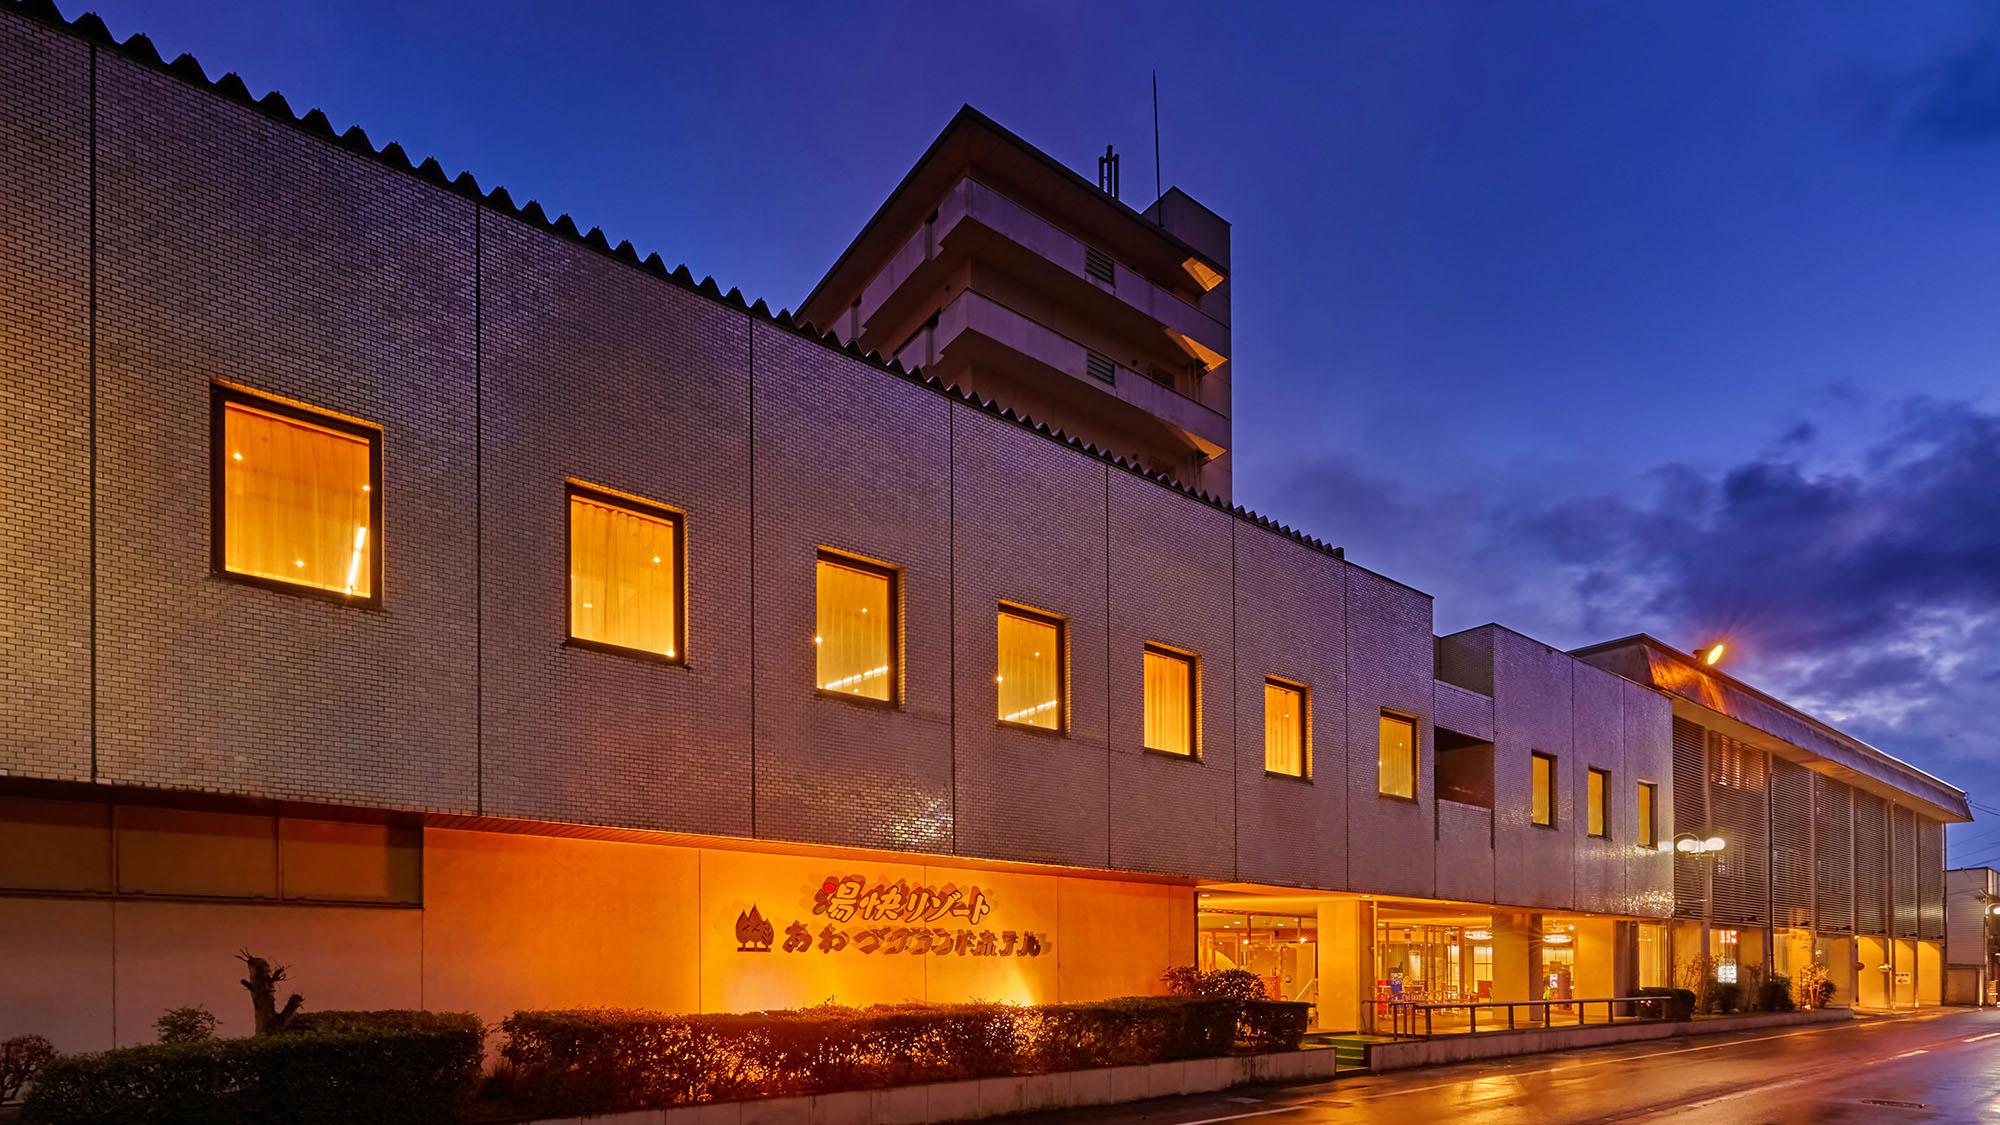 湯快リゾート 粟津温泉 あわづグランドホテルの施設画像